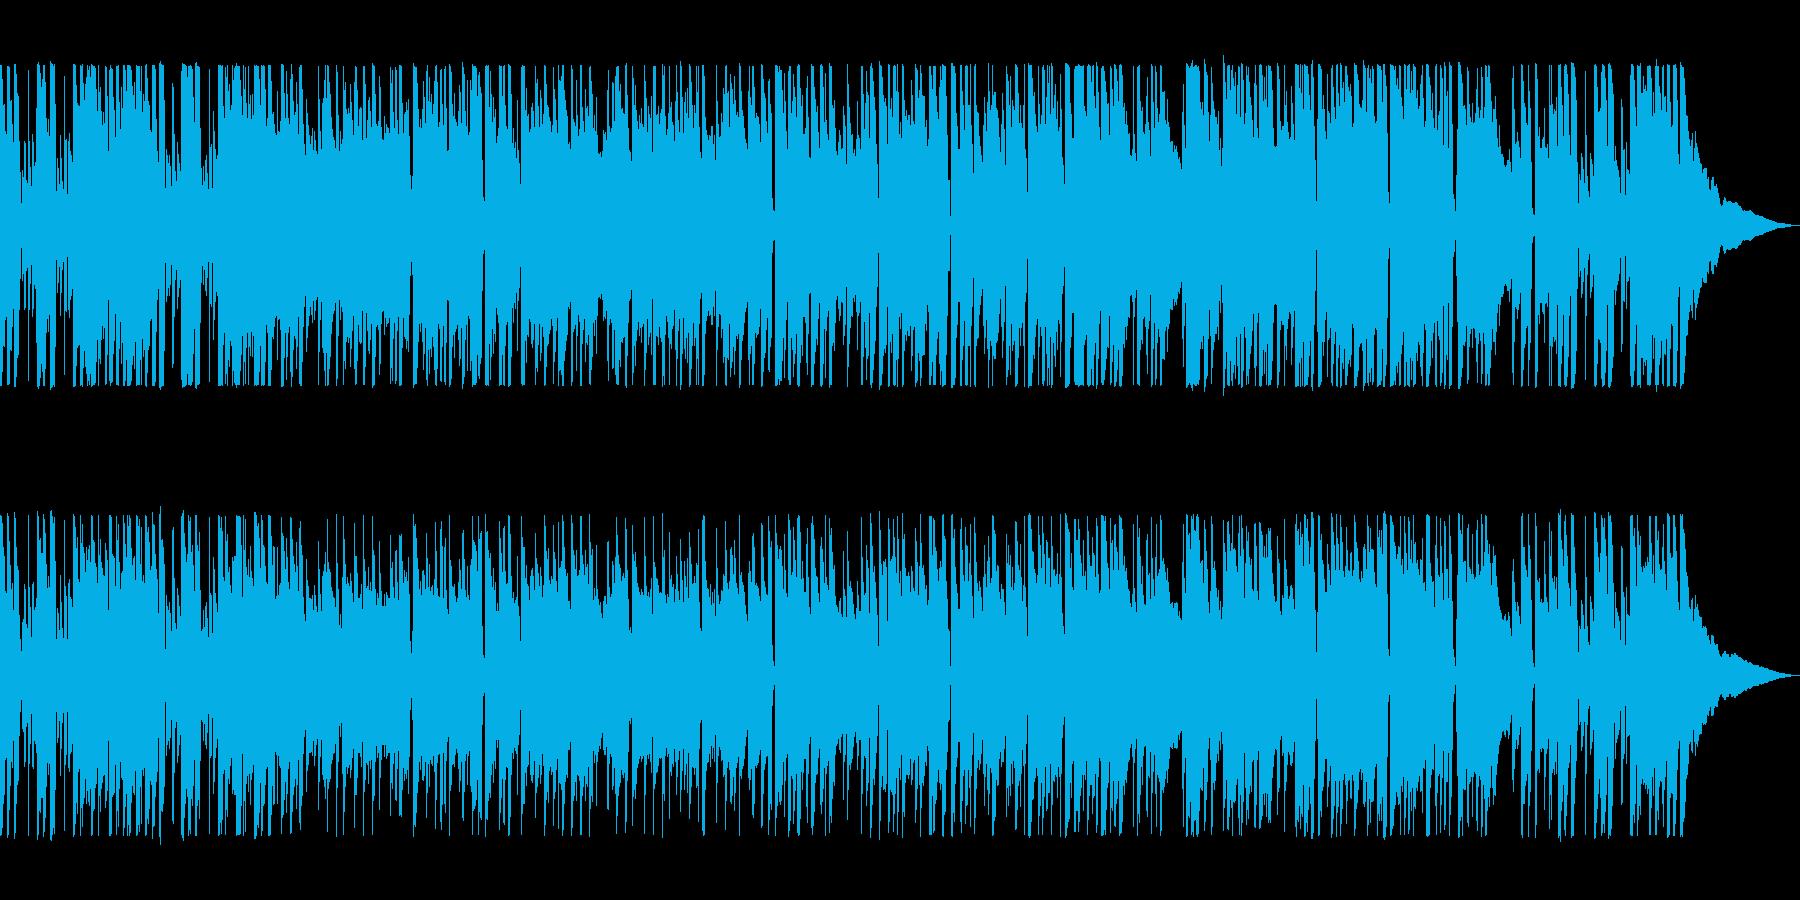 息の合ったアコギが心地よい1曲の再生済みの波形